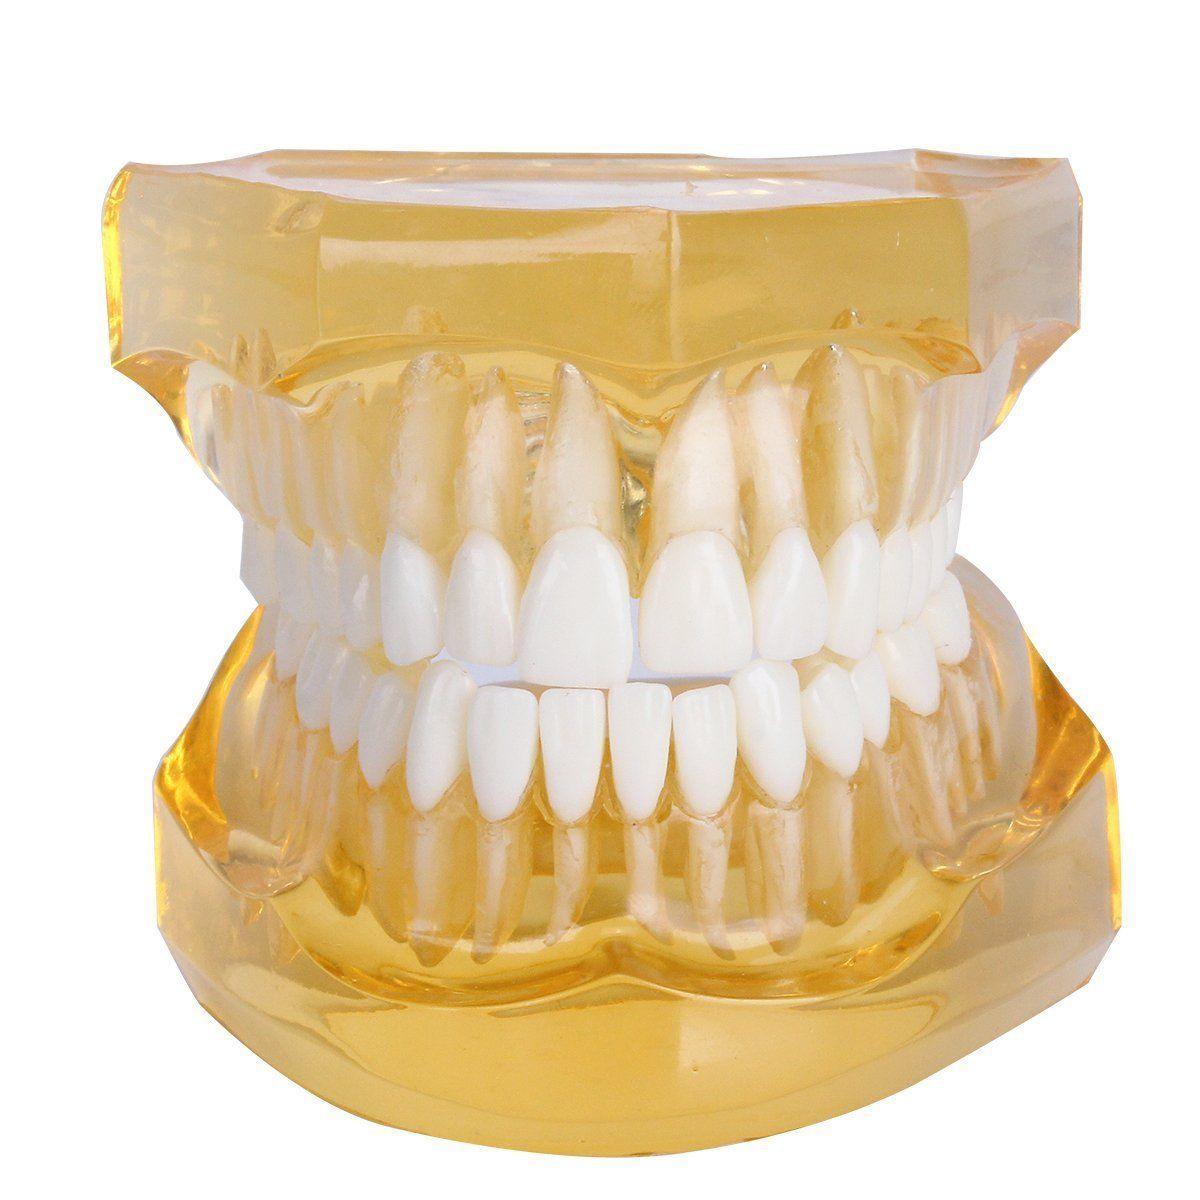 치과 이동식 치아 모델 치과 의사를위한 성인 Typodont 모델